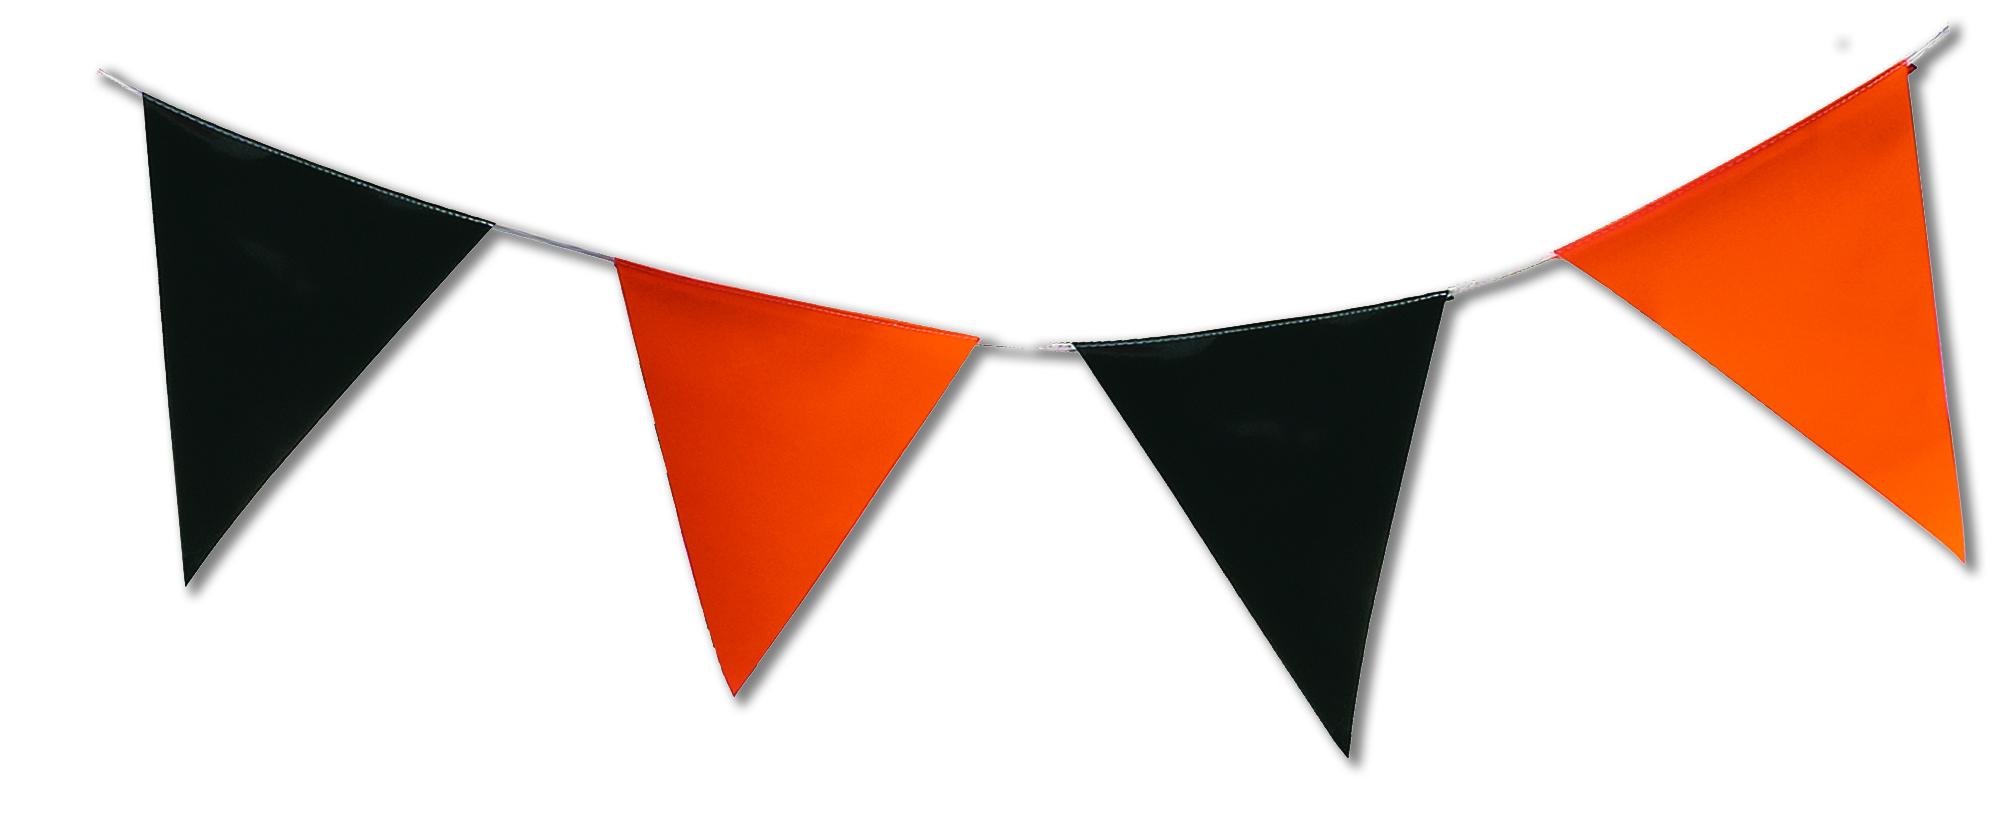 Guirlande fanions orange et noir triangulaire en plastique